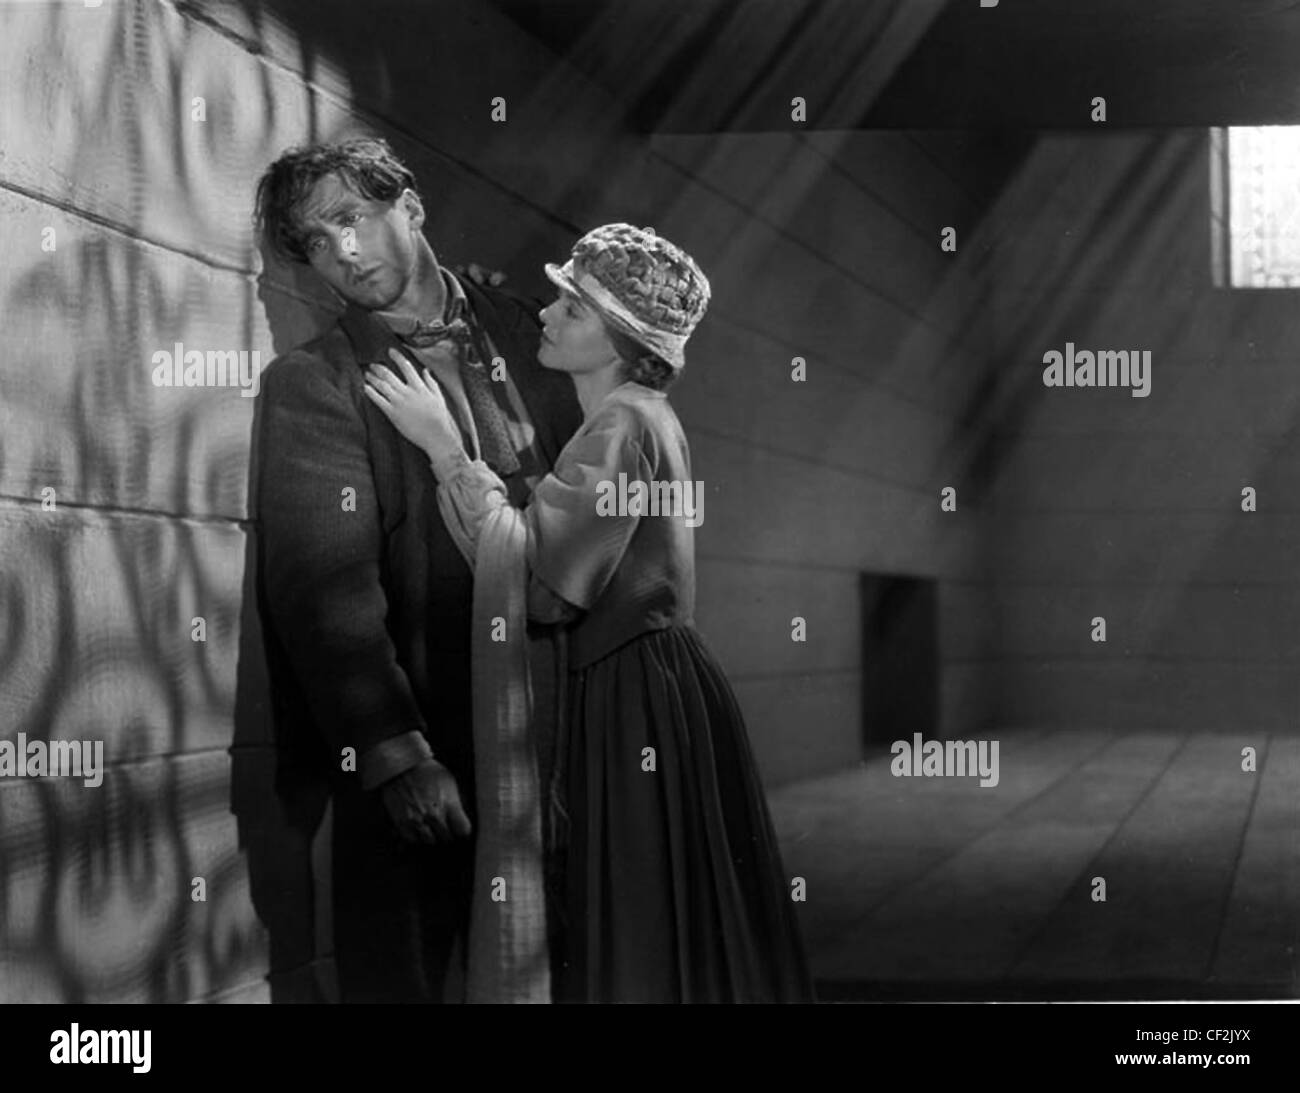 Amanecer una canción de dos seres humanos (1927) George O'Brien, Janet Gaynor f.w murnau (dir) 004 colección Imagen De Stock